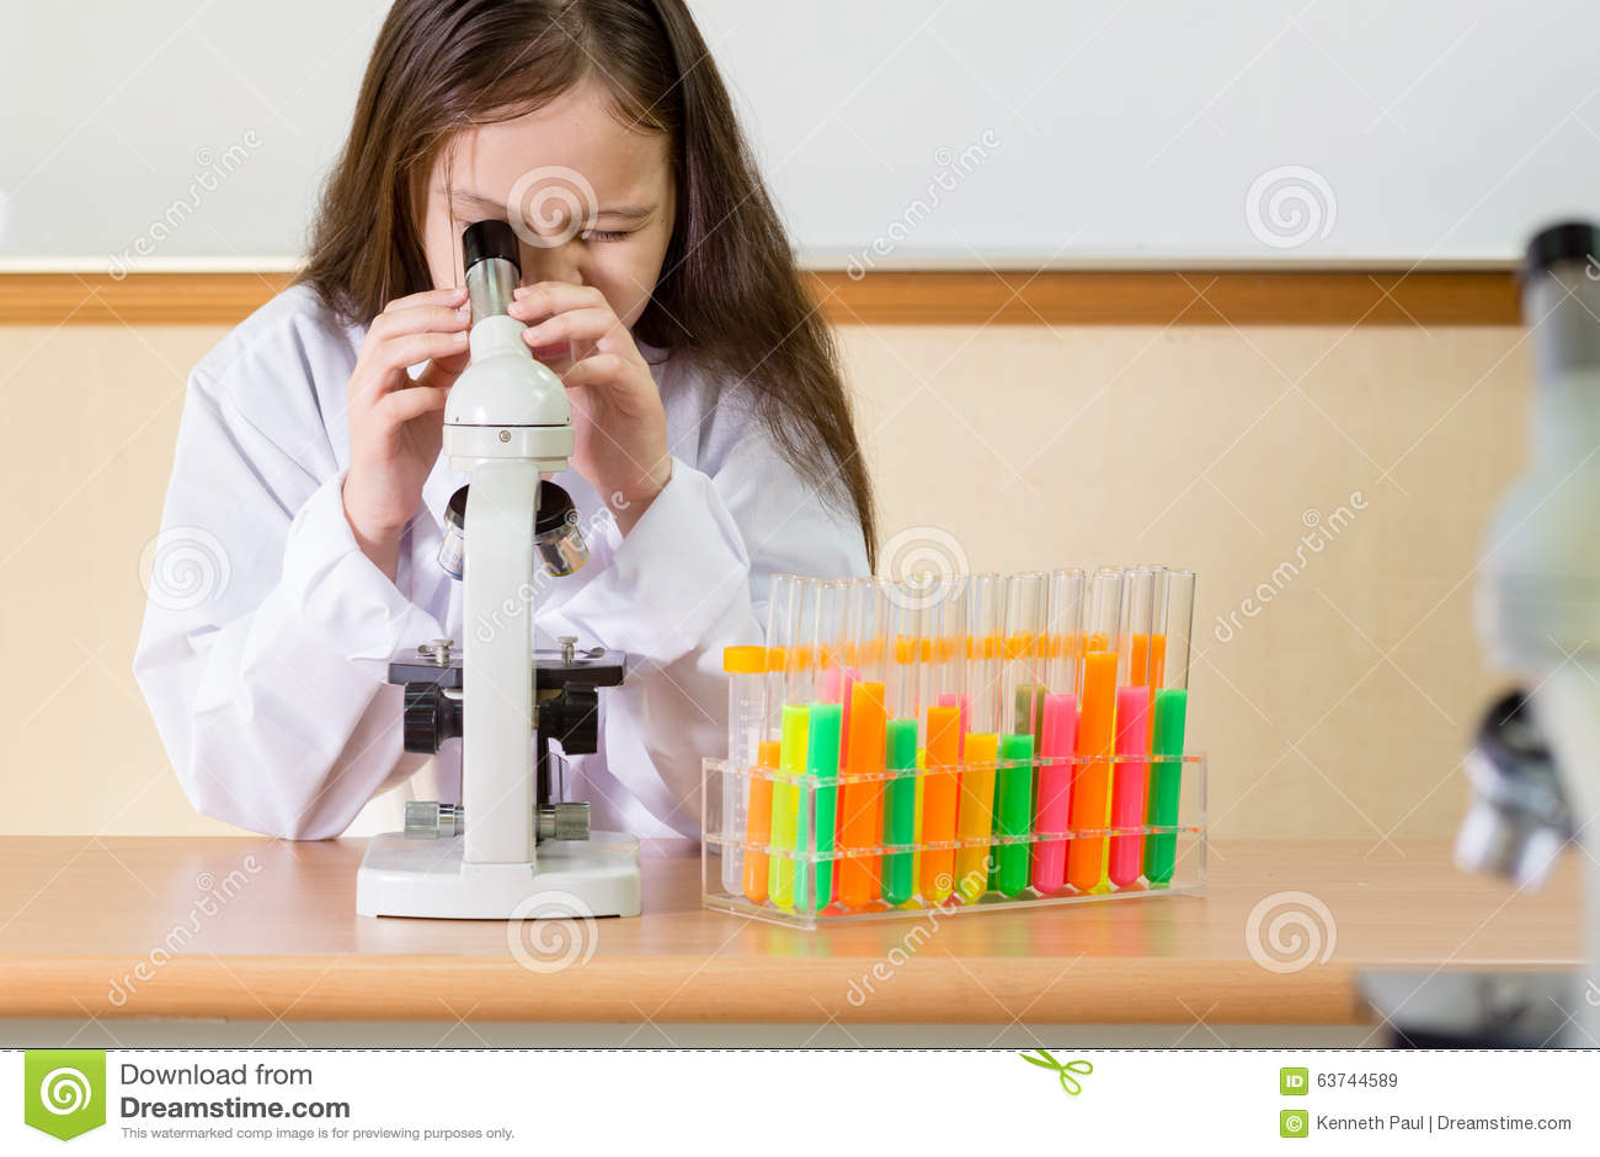 Kinderwissenschaftler der mikroskop untersucht stockbild bild